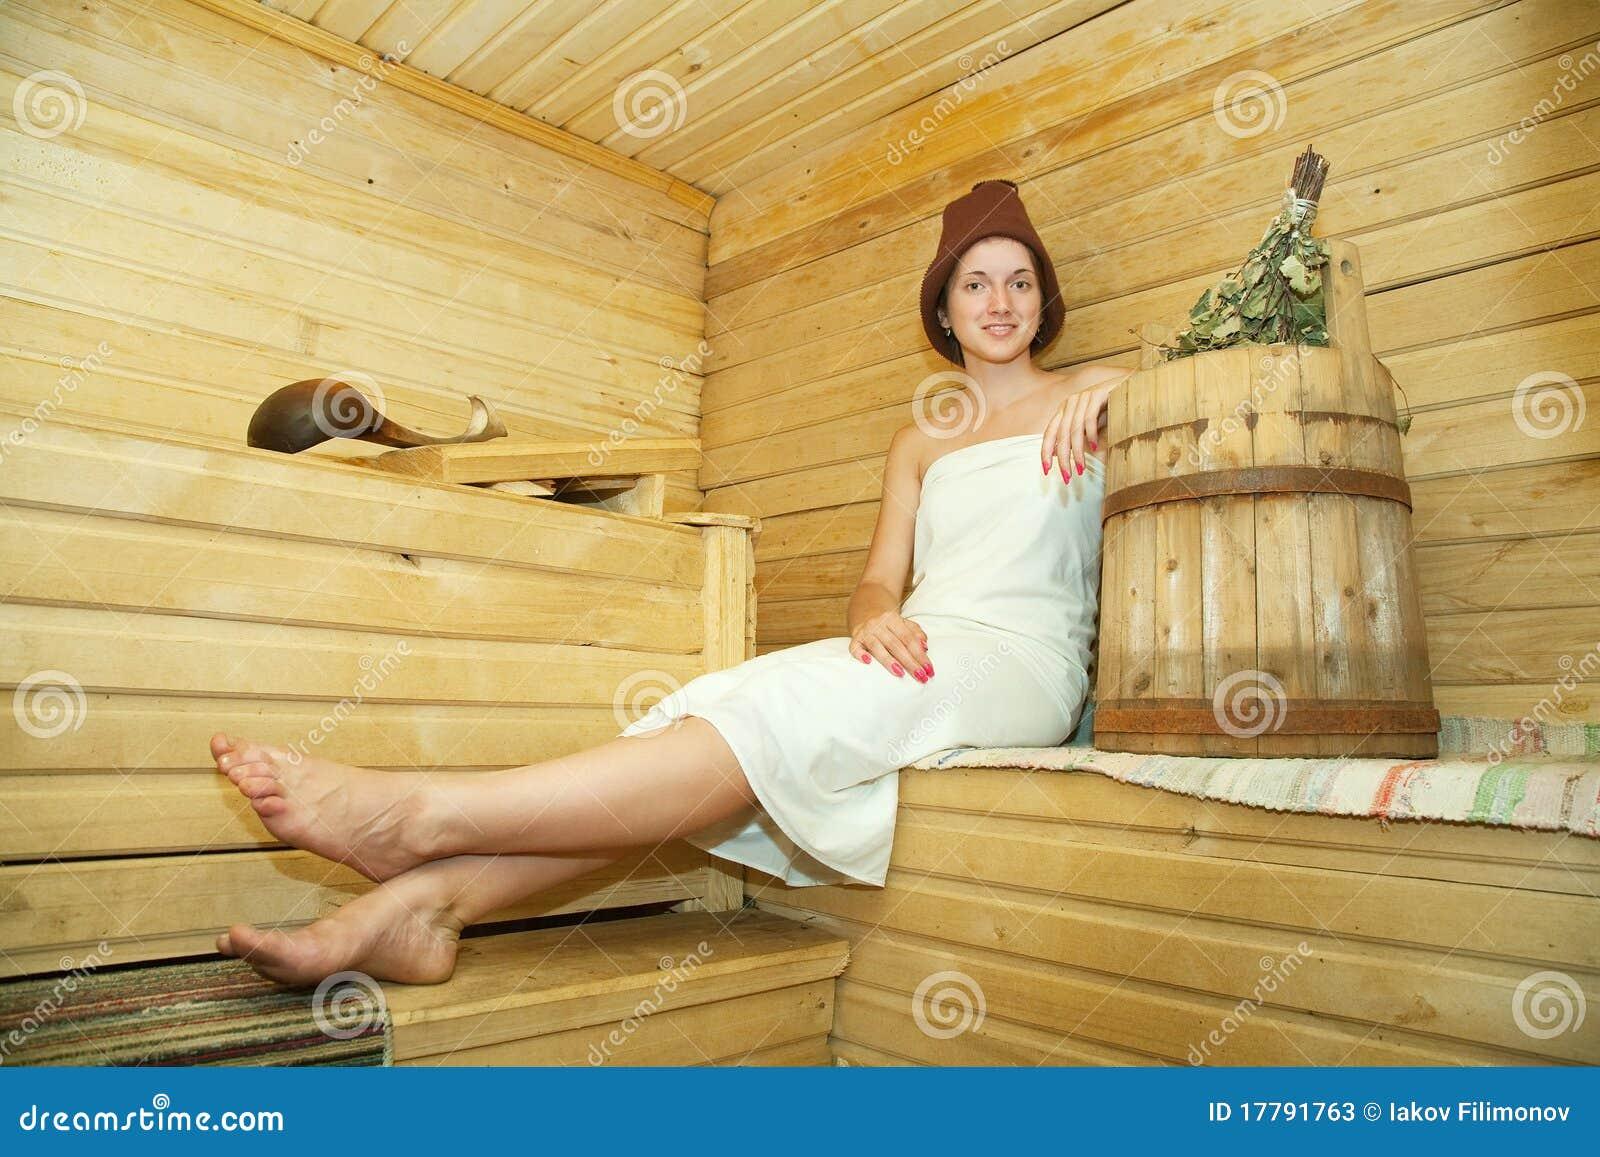 Русская баня девочки 12 фотография